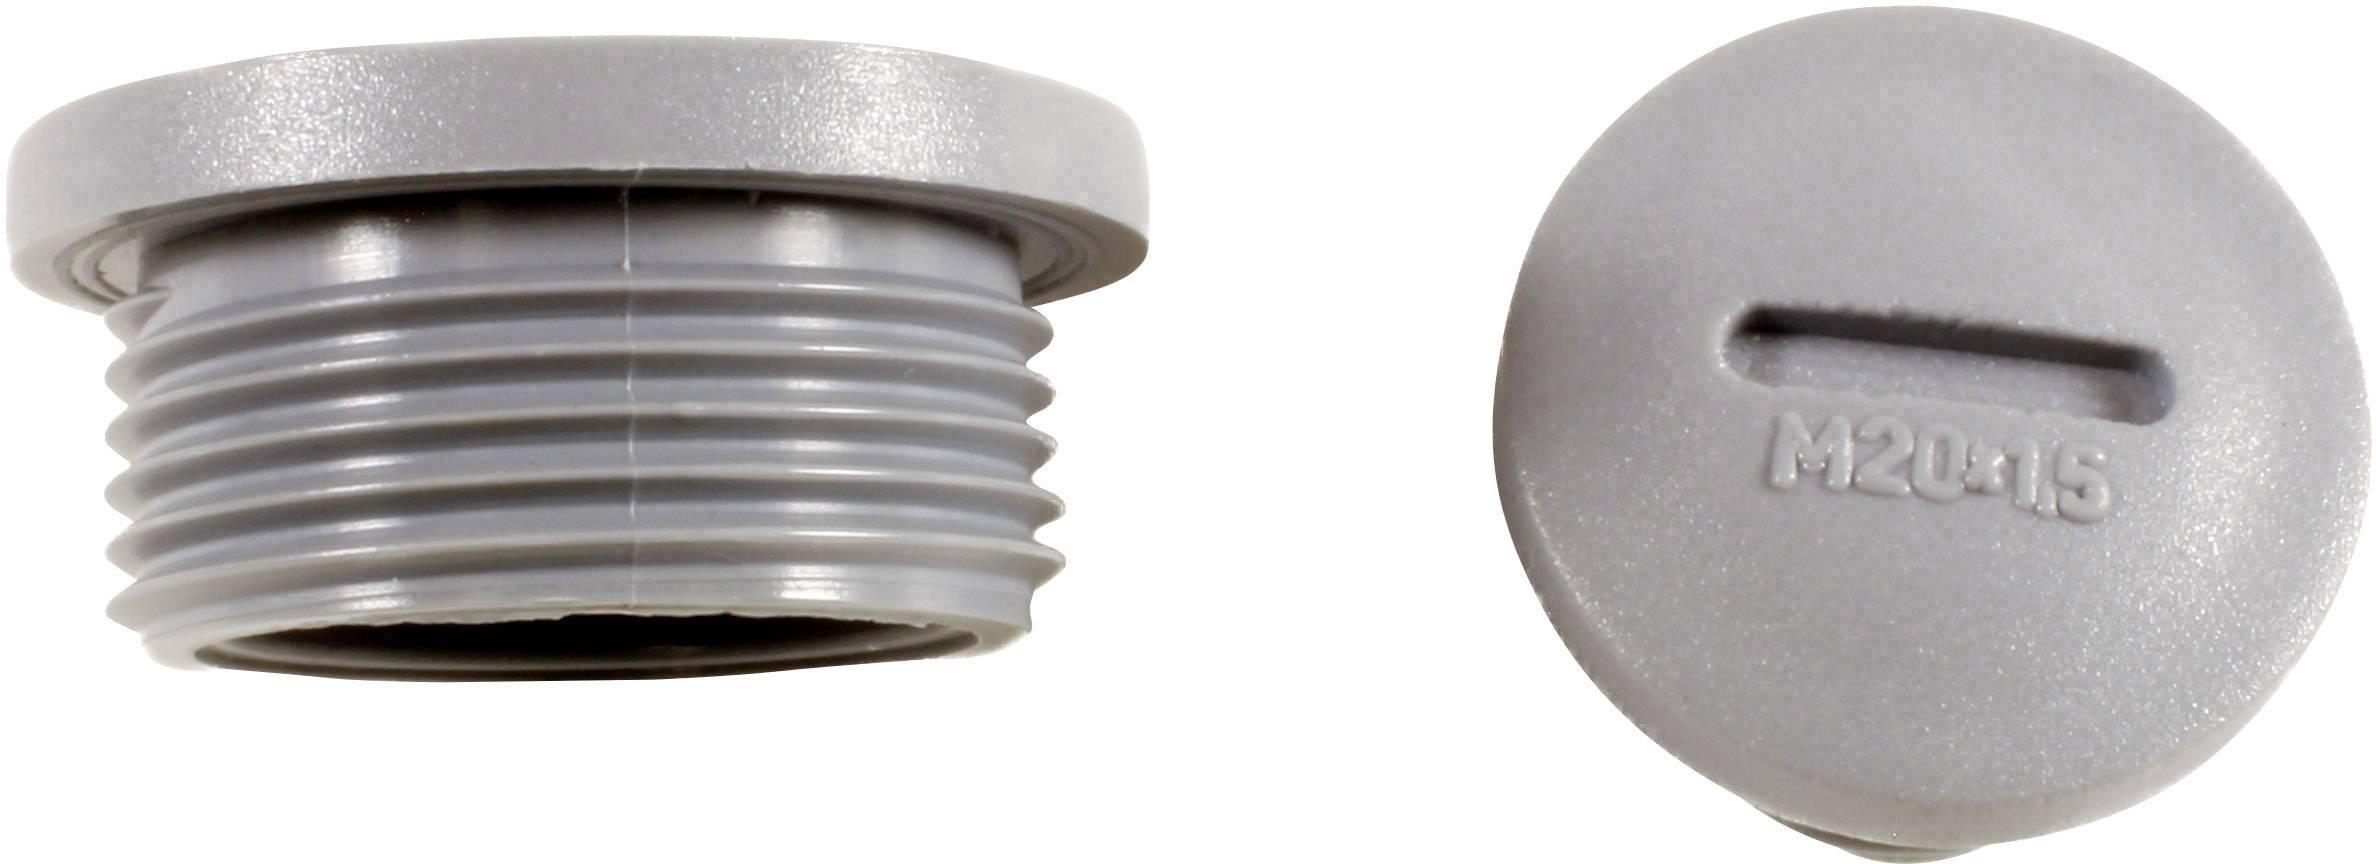 Kabelová průchodka AlphaWire HPP13 SL080, HPP13 SL080, polyamid, břidlicová šedá, 1 ks